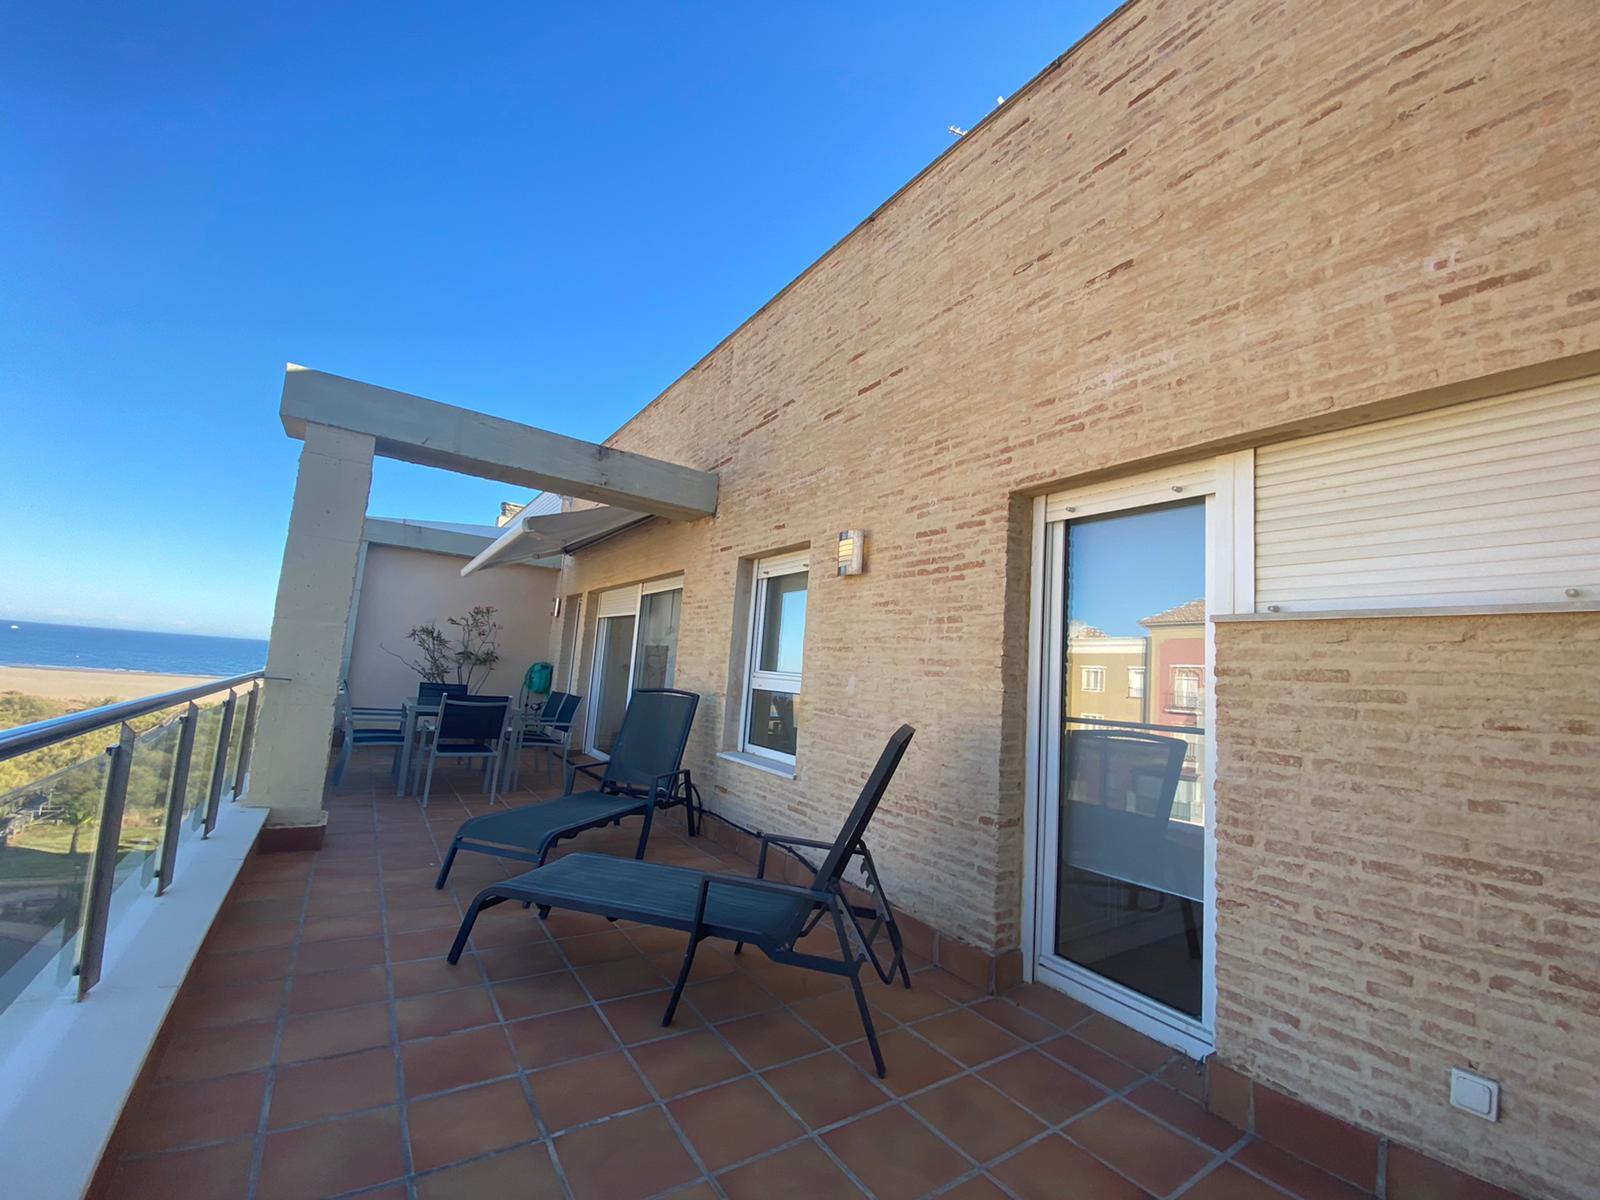 Imagen 44 del Apartamento Turístico, Ático 6 Levante (3d+2b), Punta del Moral (HUELVA), Paseo de la Cruz nº22